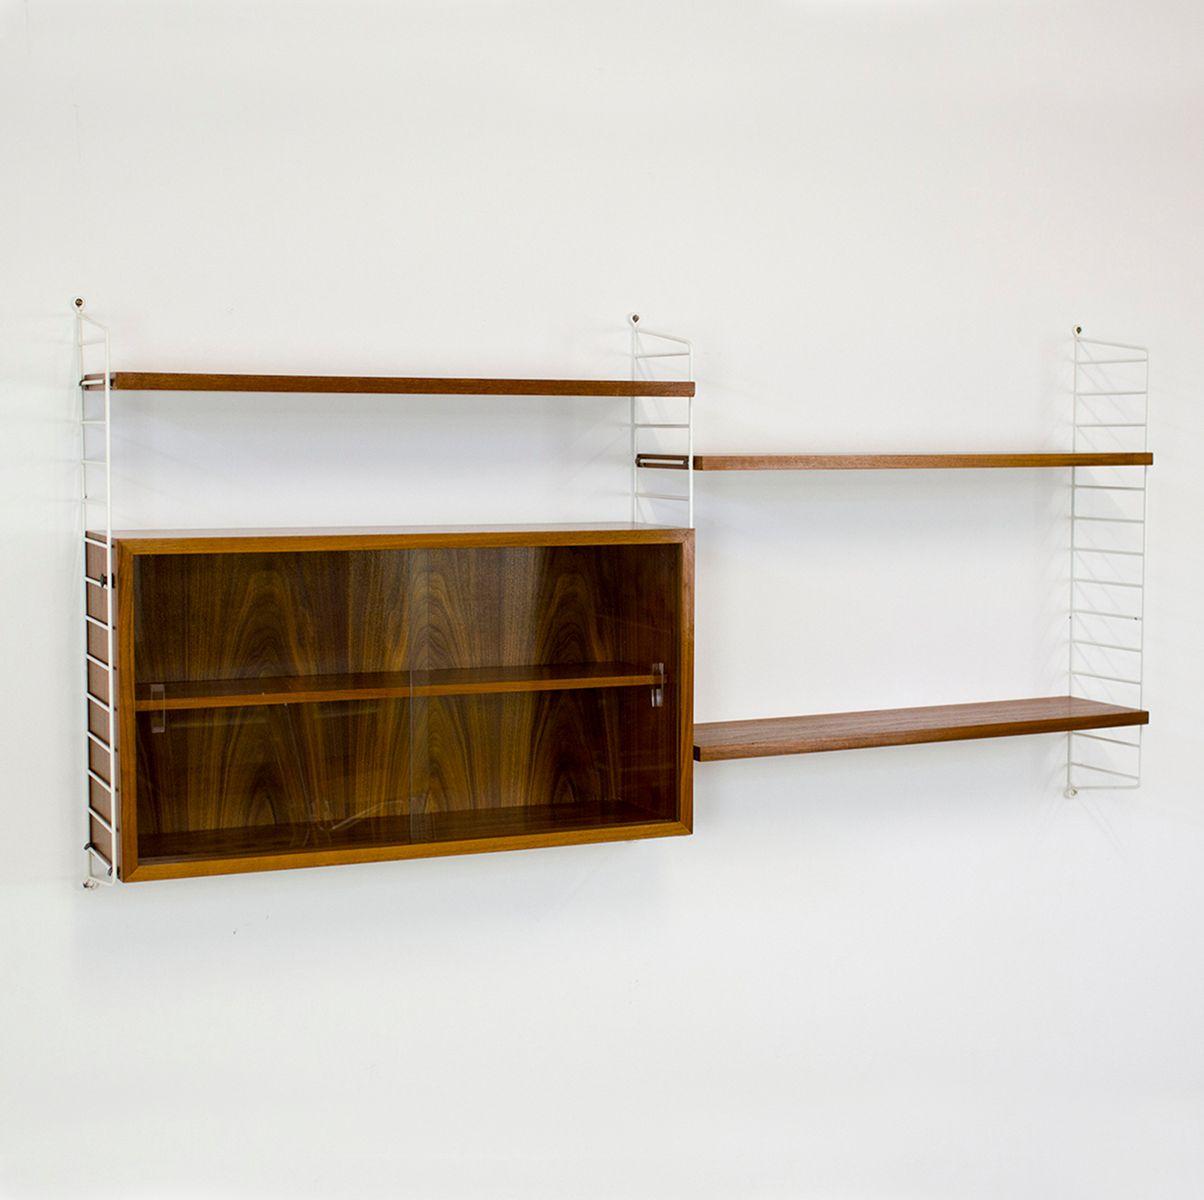 nussbaum wandregal affordable wandregal aus glas schn regal modern nussbaum glas dazibao by. Black Bedroom Furniture Sets. Home Design Ideas